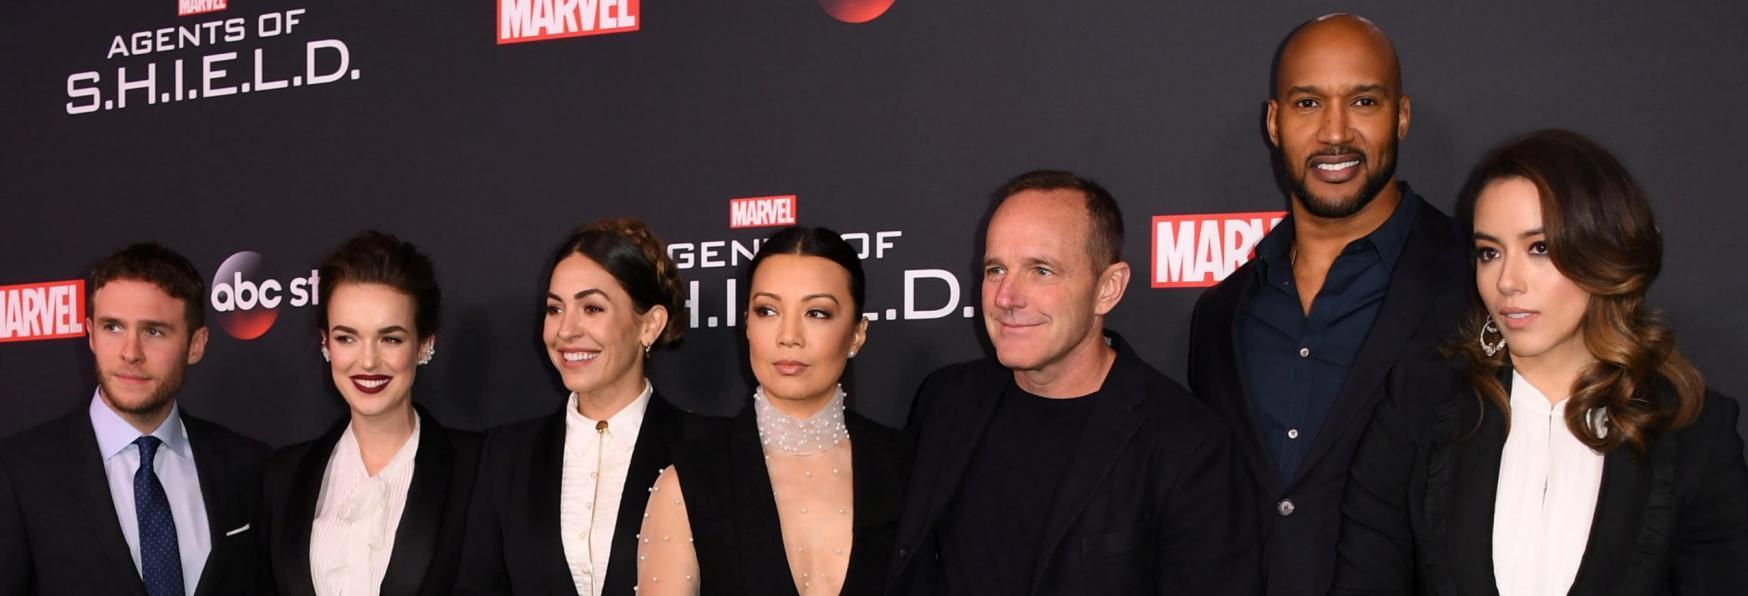 Agents of S.H.I.E.L.D. 7: il Finale di Stagione sarà Spettacolare e con grandi Effetti Speciali